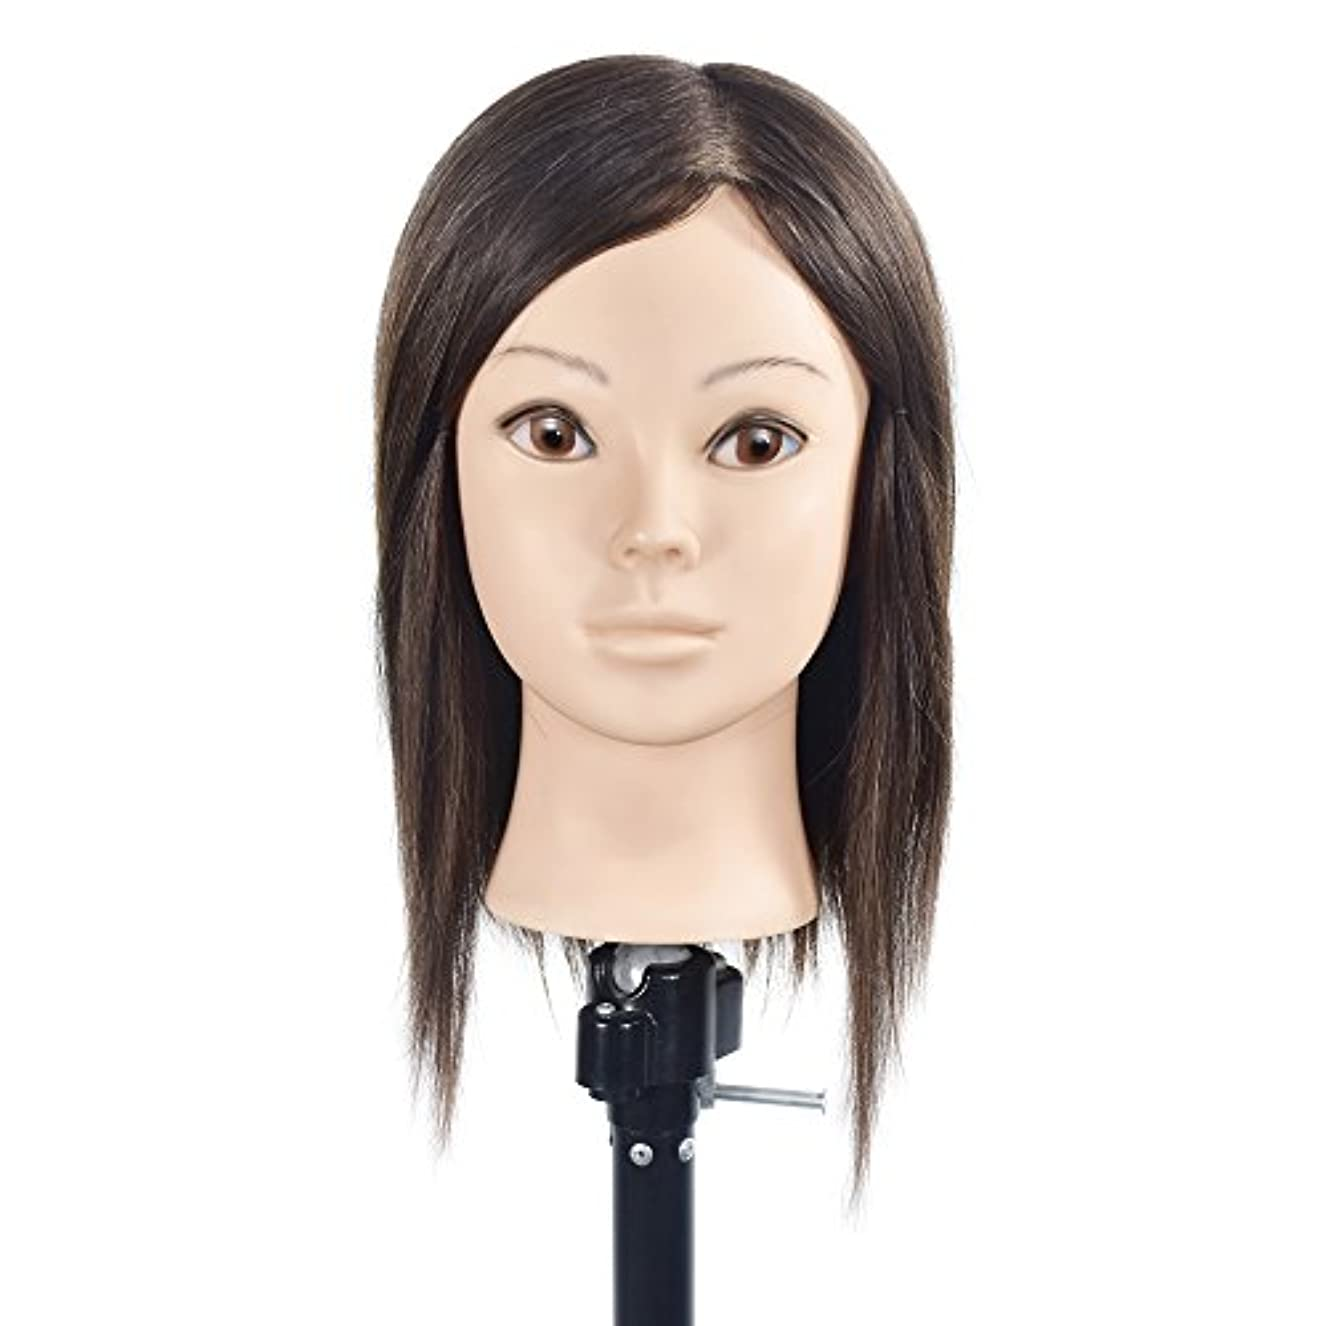 知的記憶記述するトレーニングヘッド美容師100%リアルヒューマンヘアスタイリングマニアックマネキン人形(フリーテーブルクランプ付)